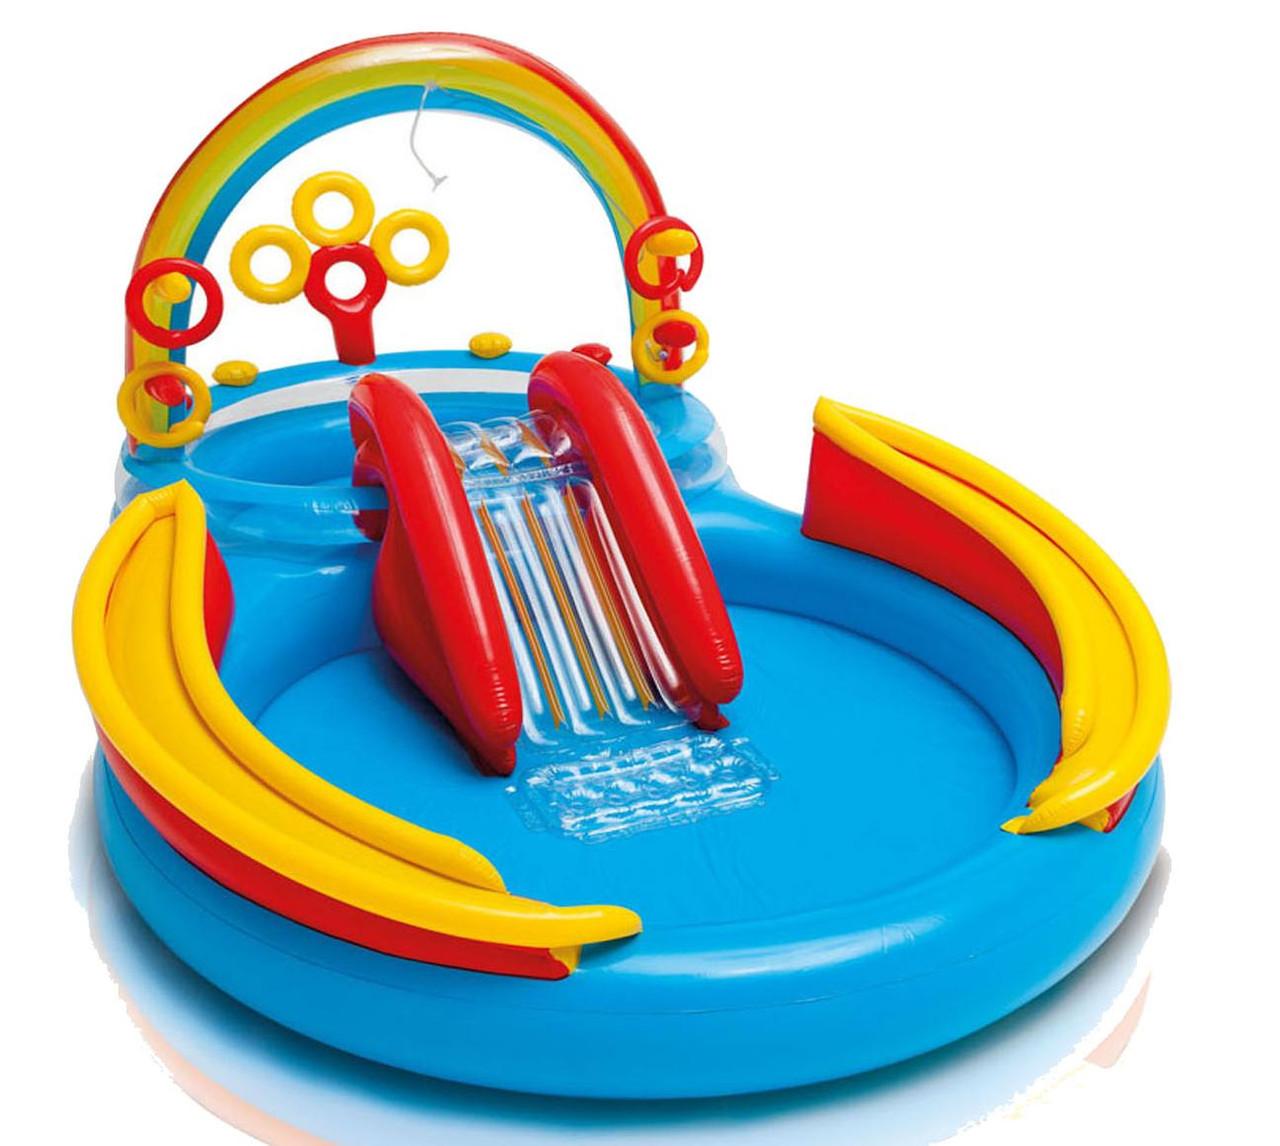 Надувной детский игровой центр - бассейн Intex 57453 Радуга (297х193х135см)